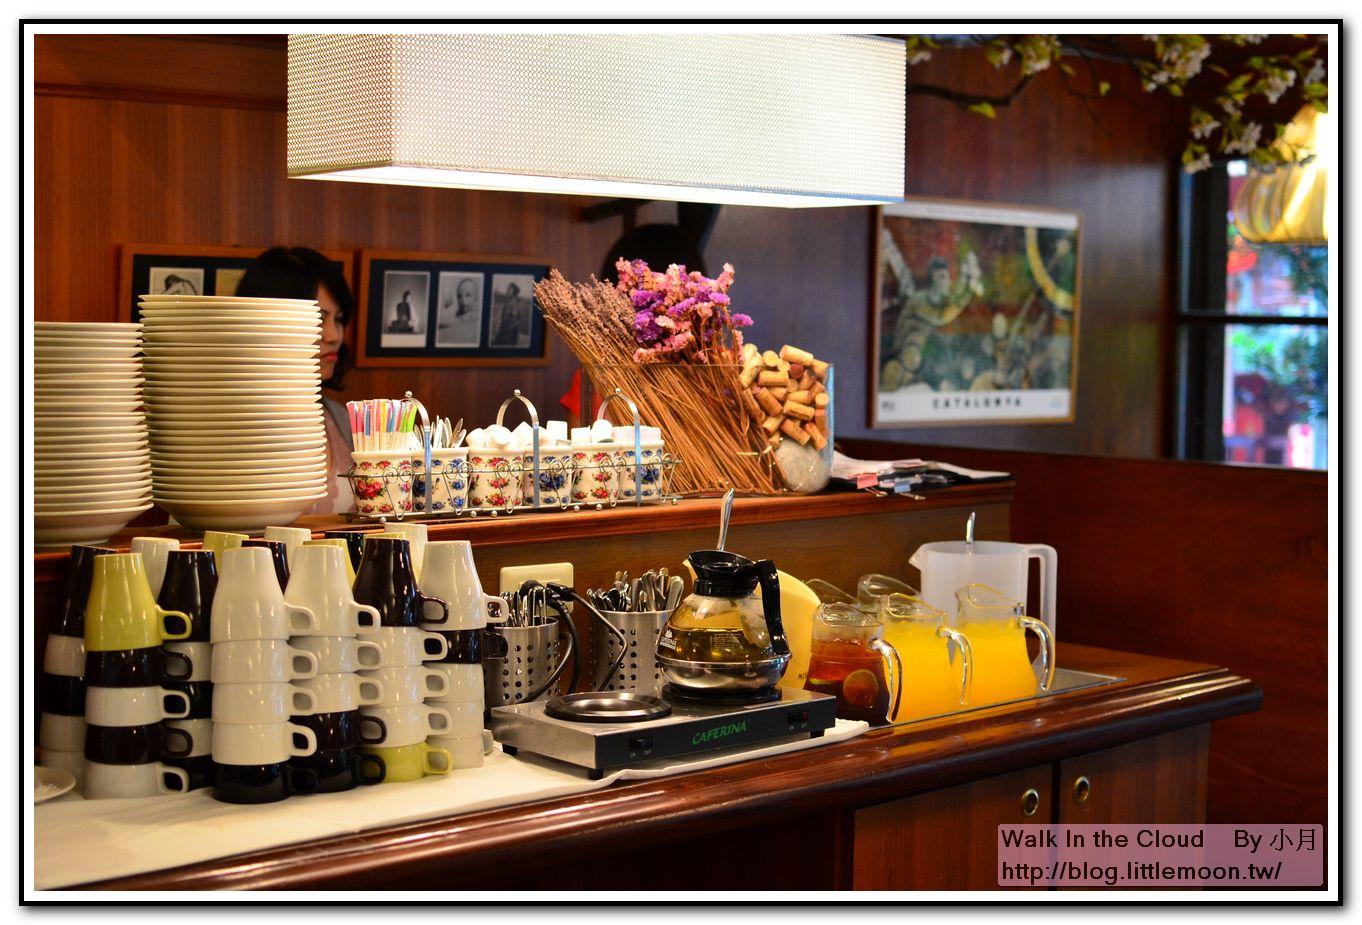 飲料吧台茶水 + 果汁